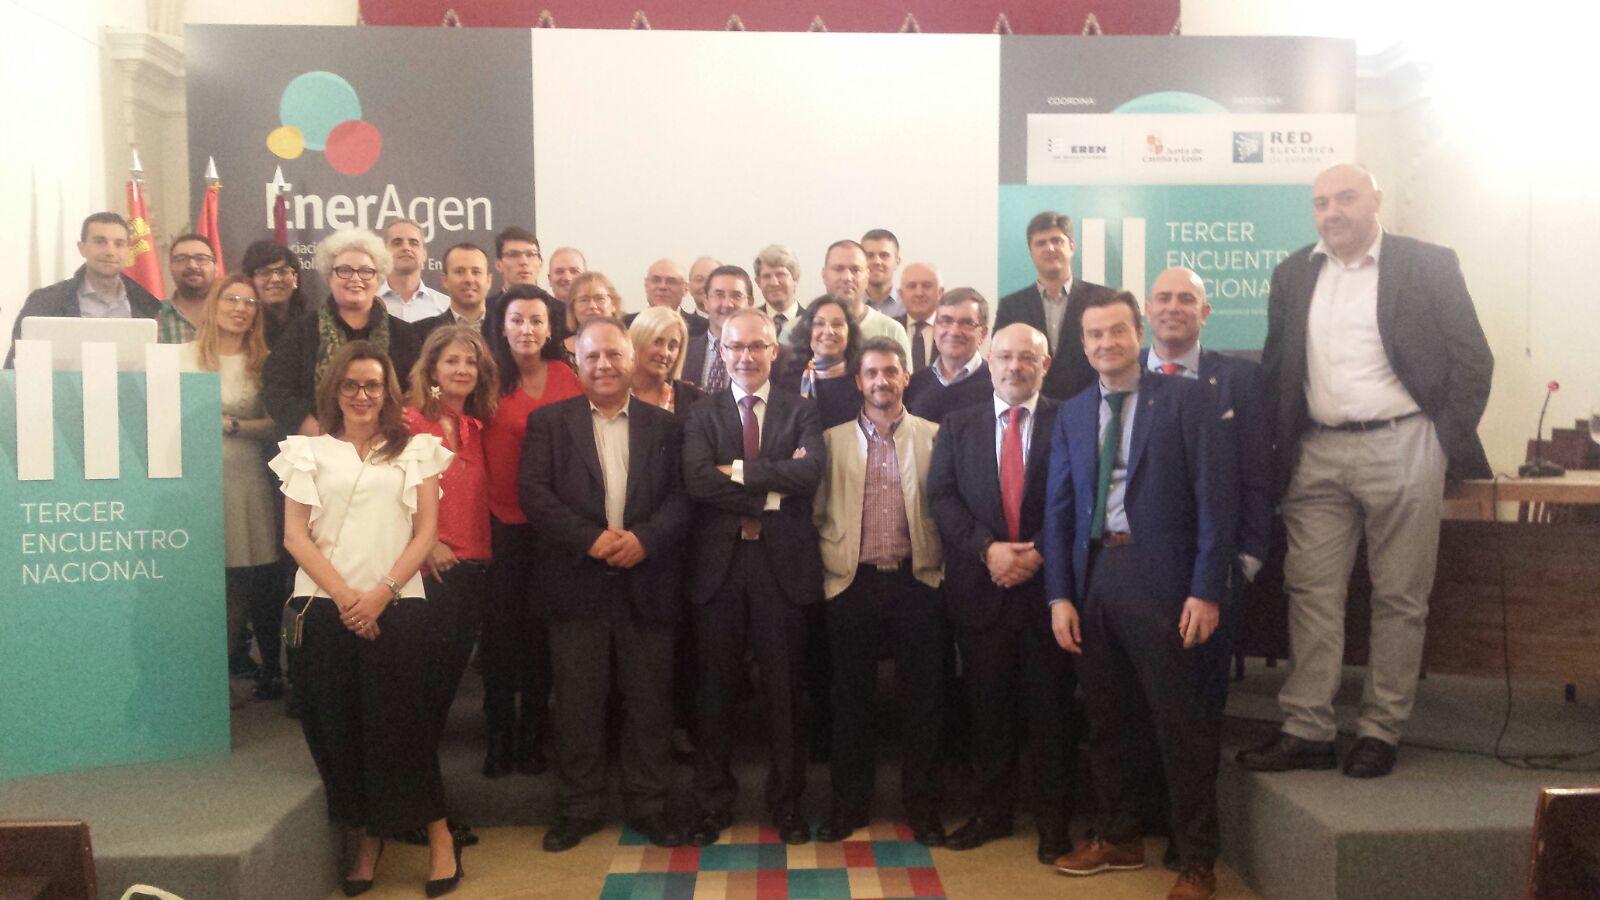 XVII Asamblea General Ordinaria y 10ª edición de los Premios Nacionales de Energía 2018 de EnerAgen